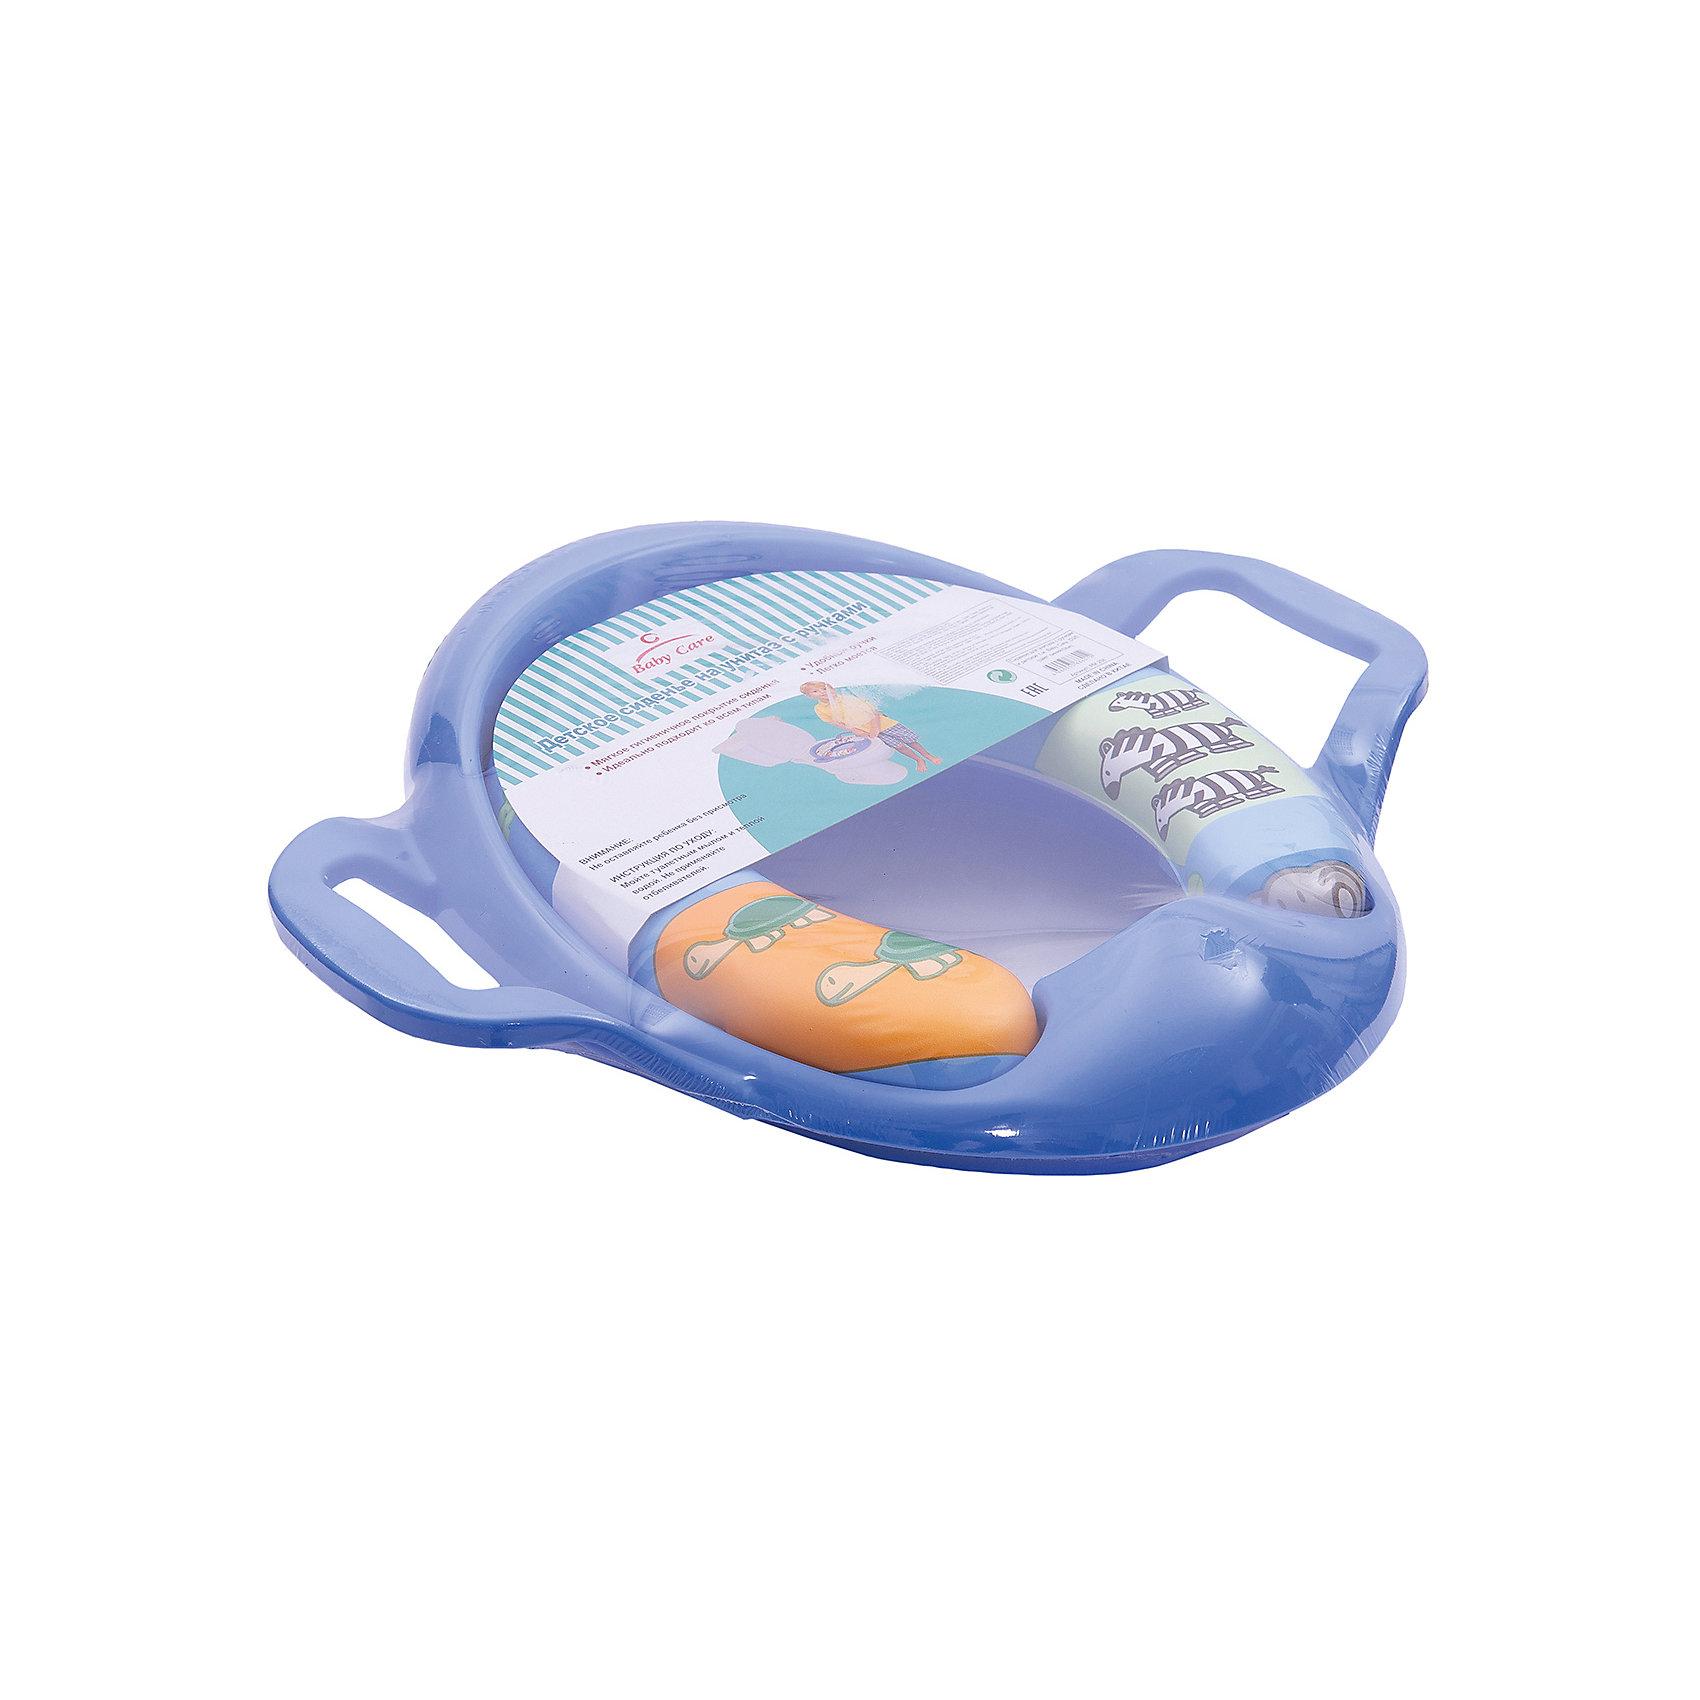 Сиденье для унитаза c ручками, Baby Care, синийСидение Baby Care - очень удобная накладка на унитаз, которая поможет ребенку привыкнуть ко взрослому унитазу. Оно разработано, учитывая потребности малыша. Для дополнительного удобства оно оснащена двумя большими пластиковыми ручками, чтобы малыш чувствовал себя уверенно. Оригинальный дизайн с забавными рисунками точно понравится малышу. Мягкая обивка приятна на ощупь и обеспечивает дополнительный комфорт. Сидение можно устанавливать на любой взрослый унитаз. Оно легко моется, а брызговик защитит его от лишних загрязнений. После использования сидение можно легко повесить рядом с унитазом, чтобы оно было легко доступно в следующий раз.<br><br>Дополнительная информация:<br><br>- Удобные ручки;<br>- Защита от брызг;<br>- Уникально мягкое покрытие, которое легко мыть;<br>- Обеспечивает комфортное и удобное положение ребёнка;<br>- Забавные рисунки;<br>- Материал не вызывает аллергии; <br>- Может использоваться для детей любого пола;<br>- Подходит для любых унитазов;<br>- Можно подвесить до следующего использования;<br>- Материал: нетоксичный пластик, резина;<br>- Цвет: синий;<br>- Размер отверстия: 11 х 13 см;<br>- Размеры (нижней части, которая вставляется во взрослый стульчак): длина - 24,5 см, ширина - 20,5 см;<br>- Размеры внешние: 38,5, х 29,5 см;<br>- Вес: 600 г.<br><br>Сиденье для унитаза c ручками, Baby Care, синее можно купить в нашем интернет-магазине.<br><br>Ширина мм: 380<br>Глубина мм: 290<br>Высота мм: 80<br>Вес г: 600<br>Возраст от месяцев: 12<br>Возраст до месяцев: 36<br>Пол: Унисекс<br>Возраст: Детский<br>SKU: 3949961